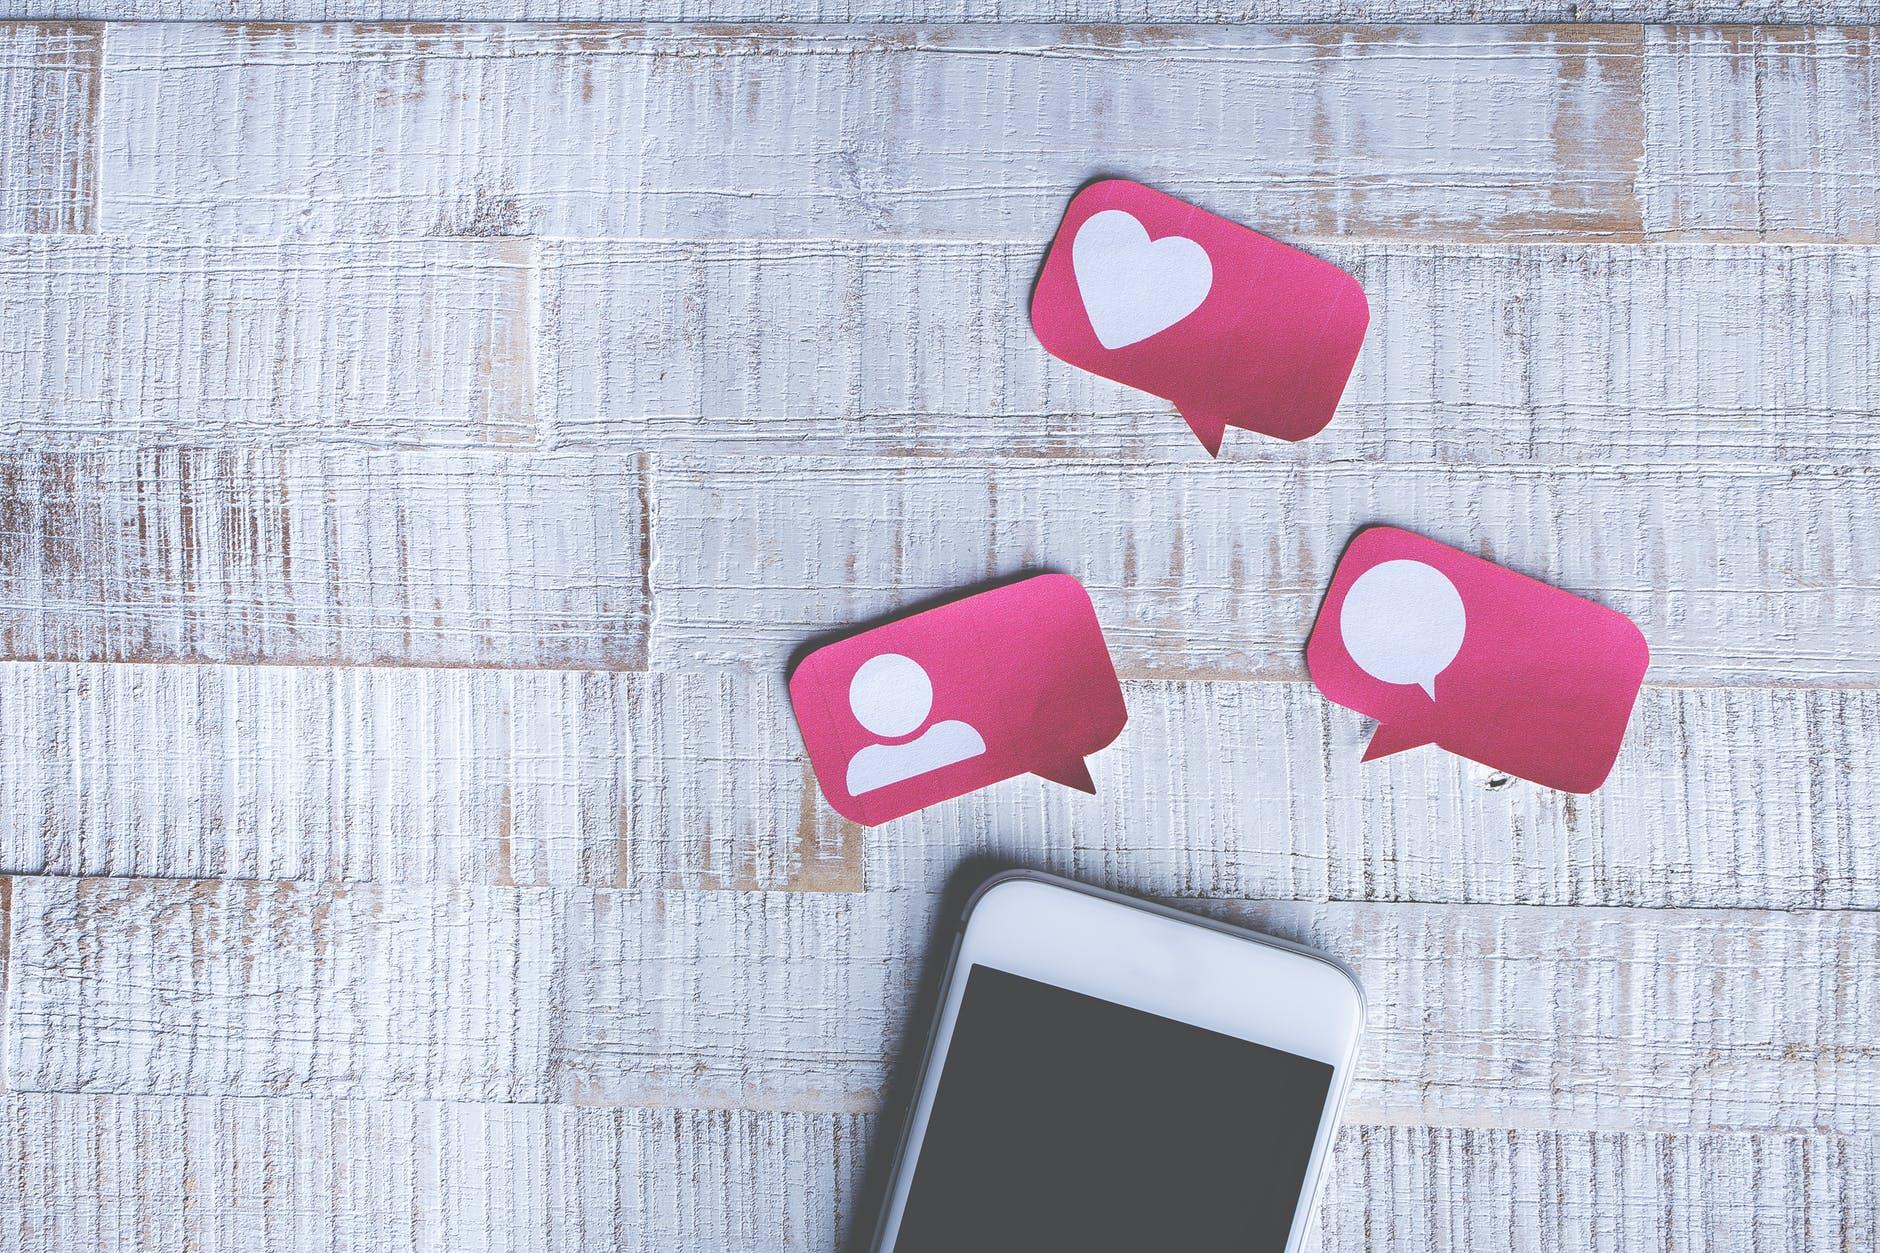 Adaptación e innovación definirán el futuro de Instagram